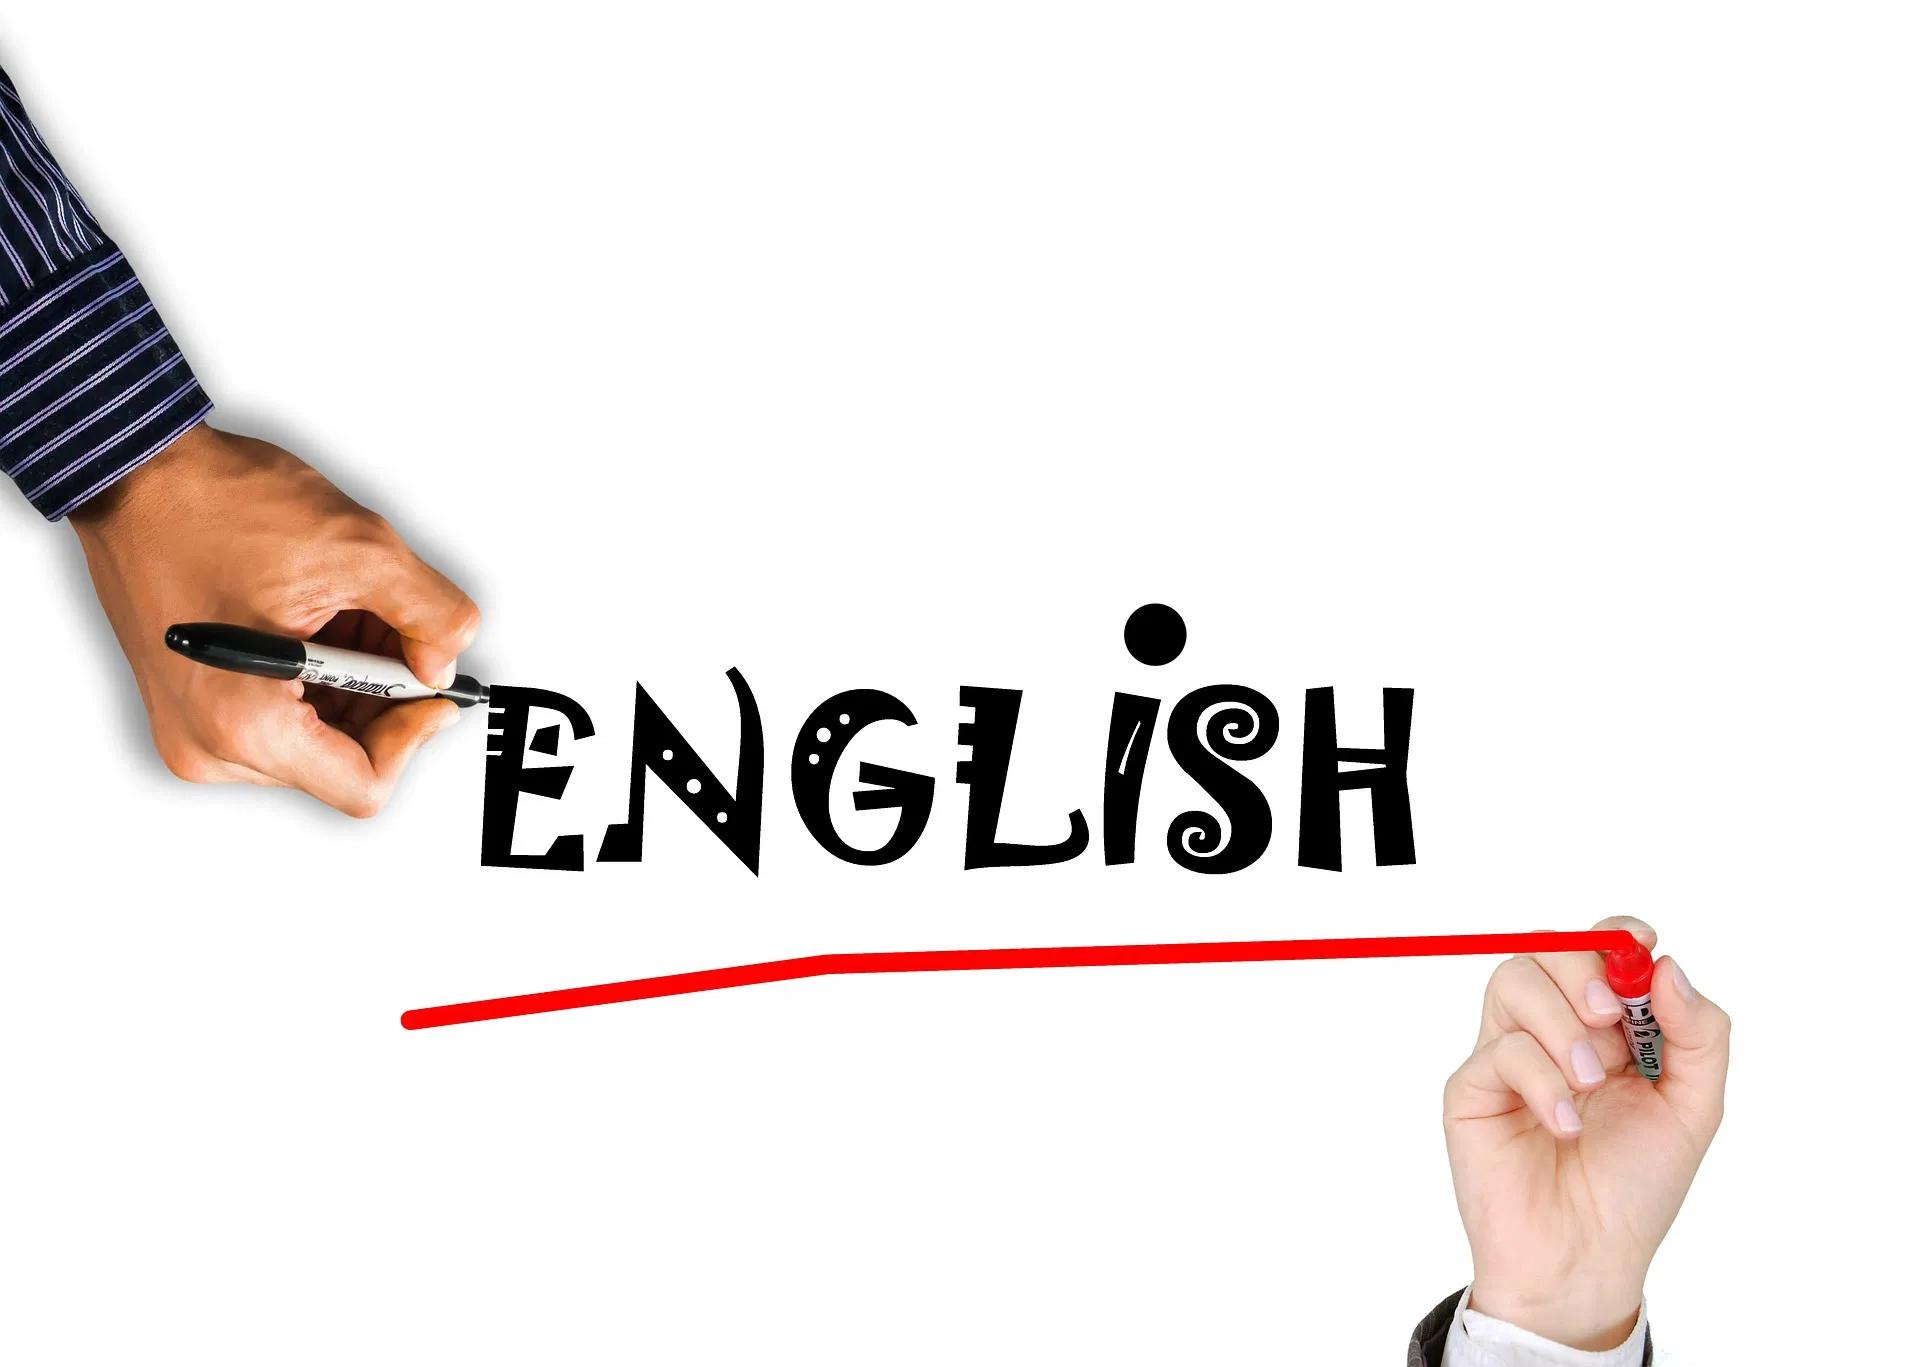 معاني الافعال اللغة الانجليزية